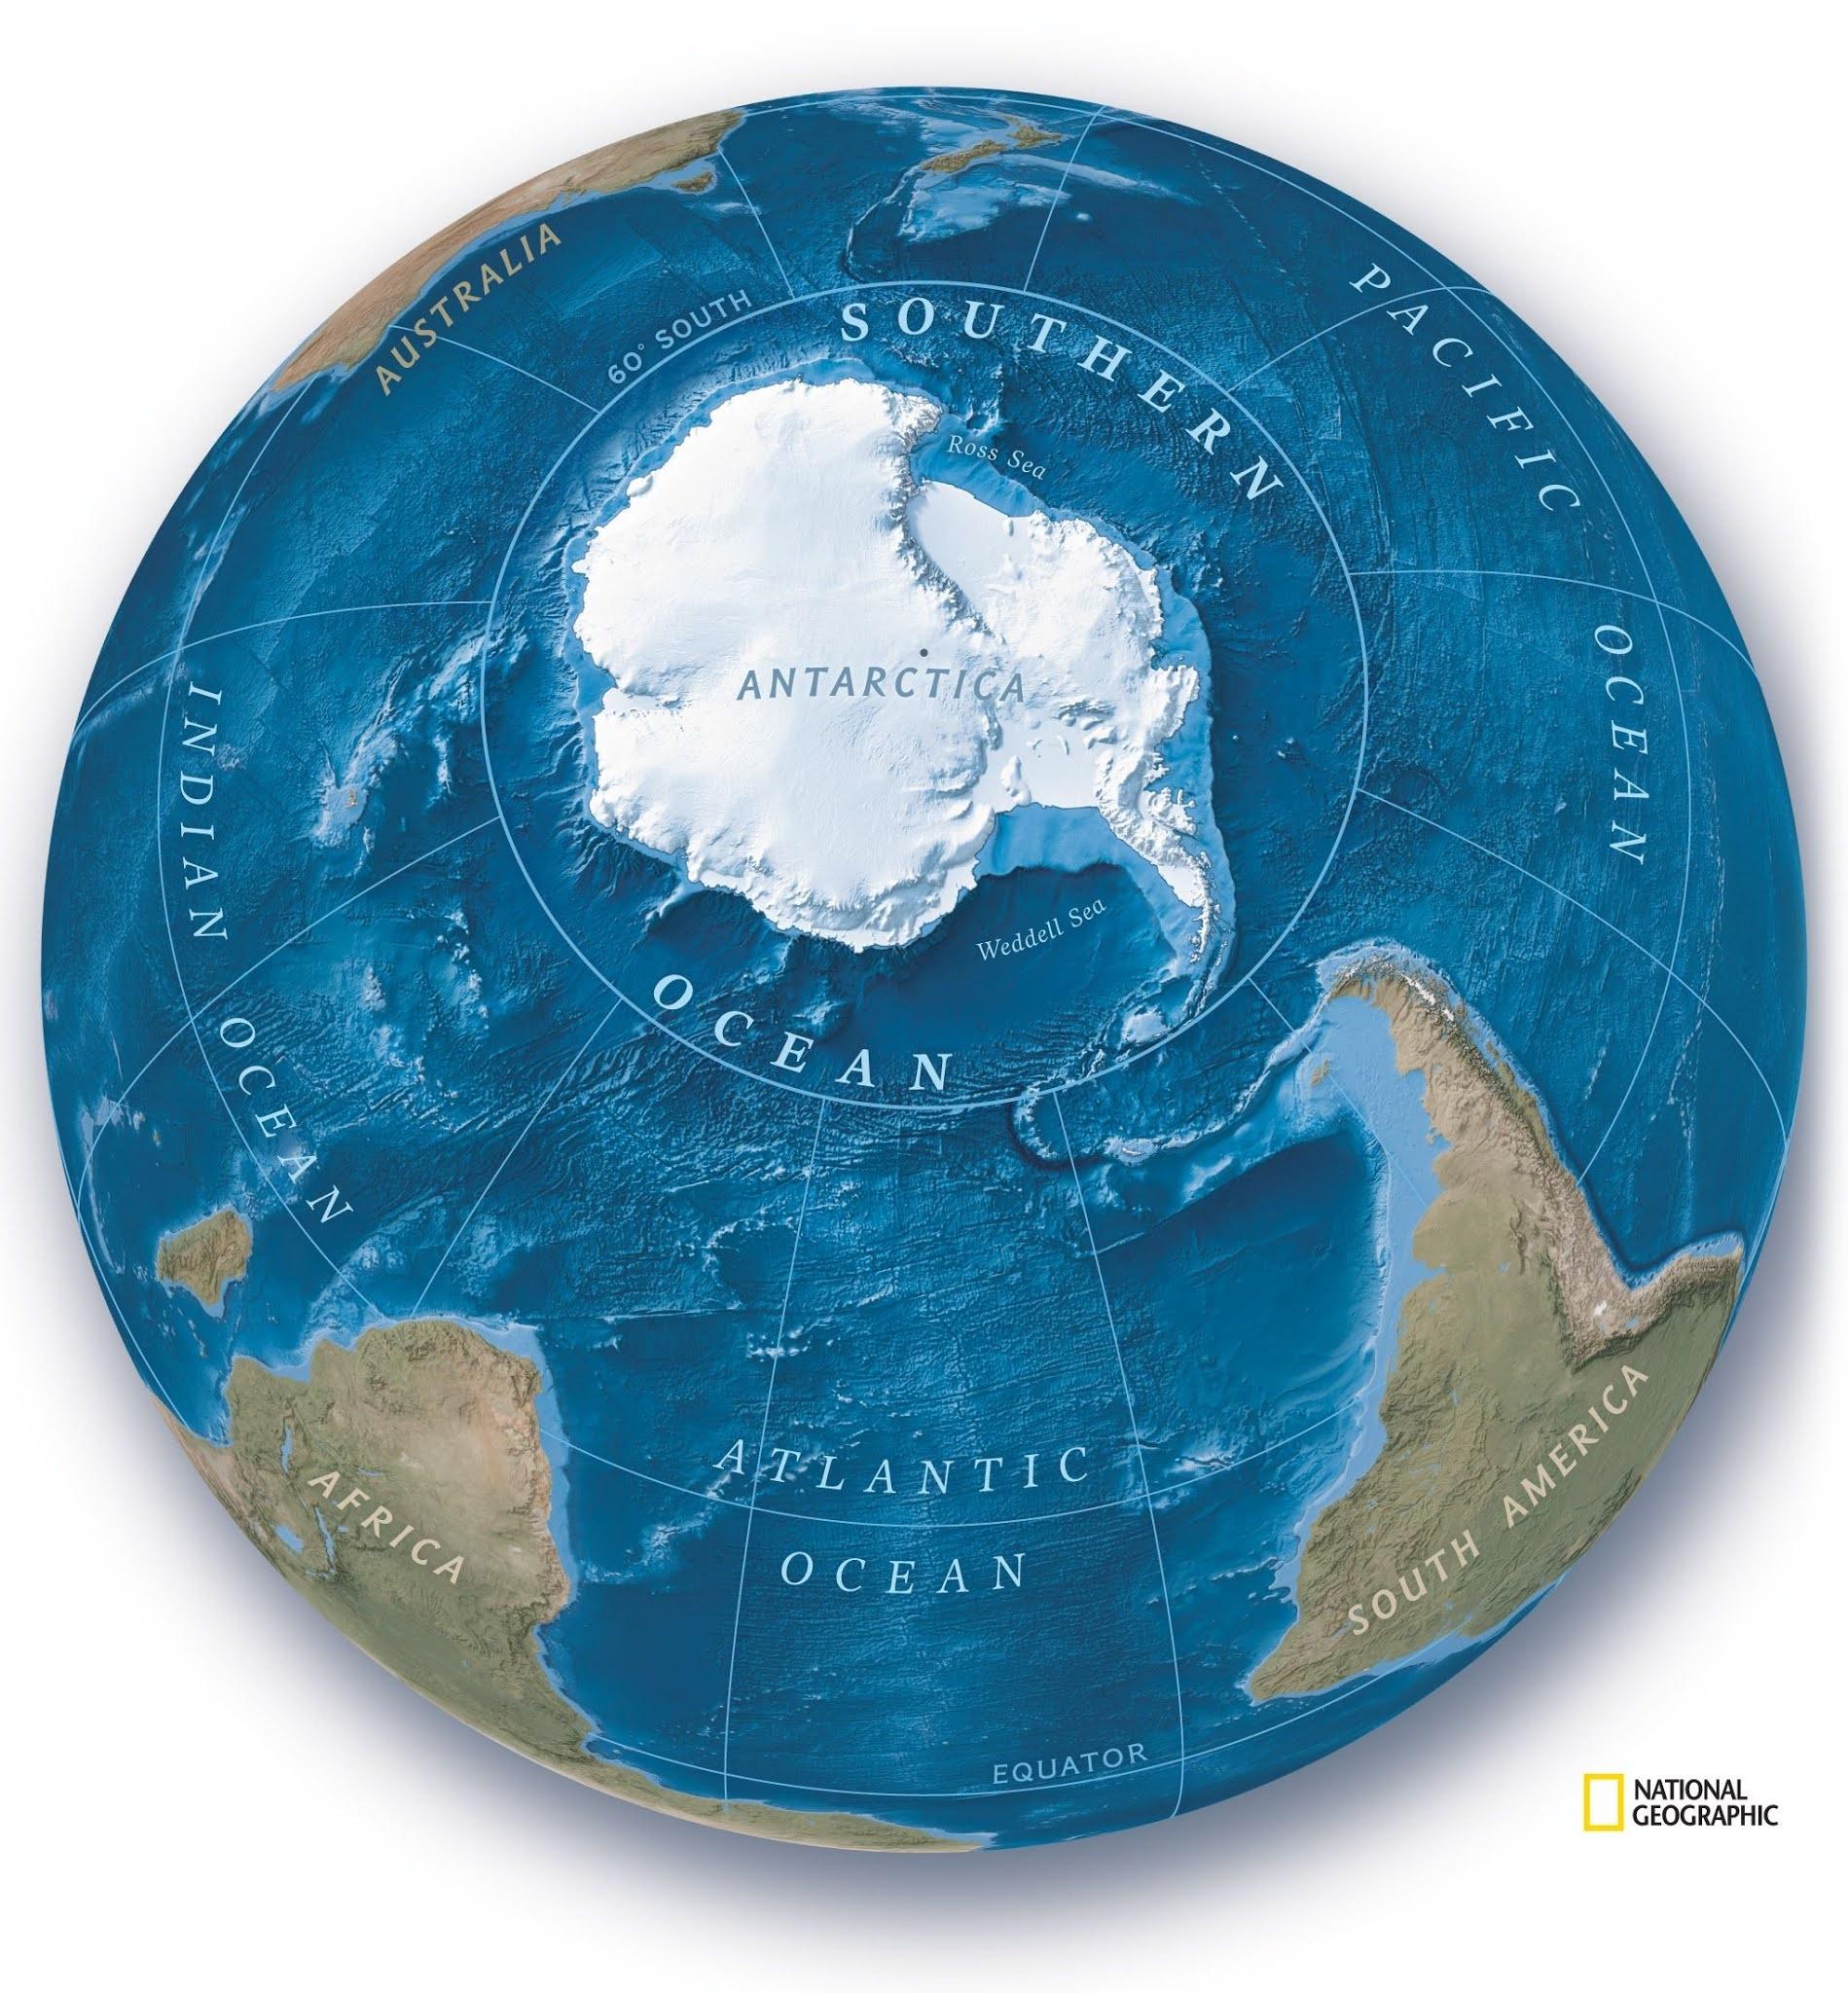 Oceano Antártico: National Geographic reconhece o quinto oceano